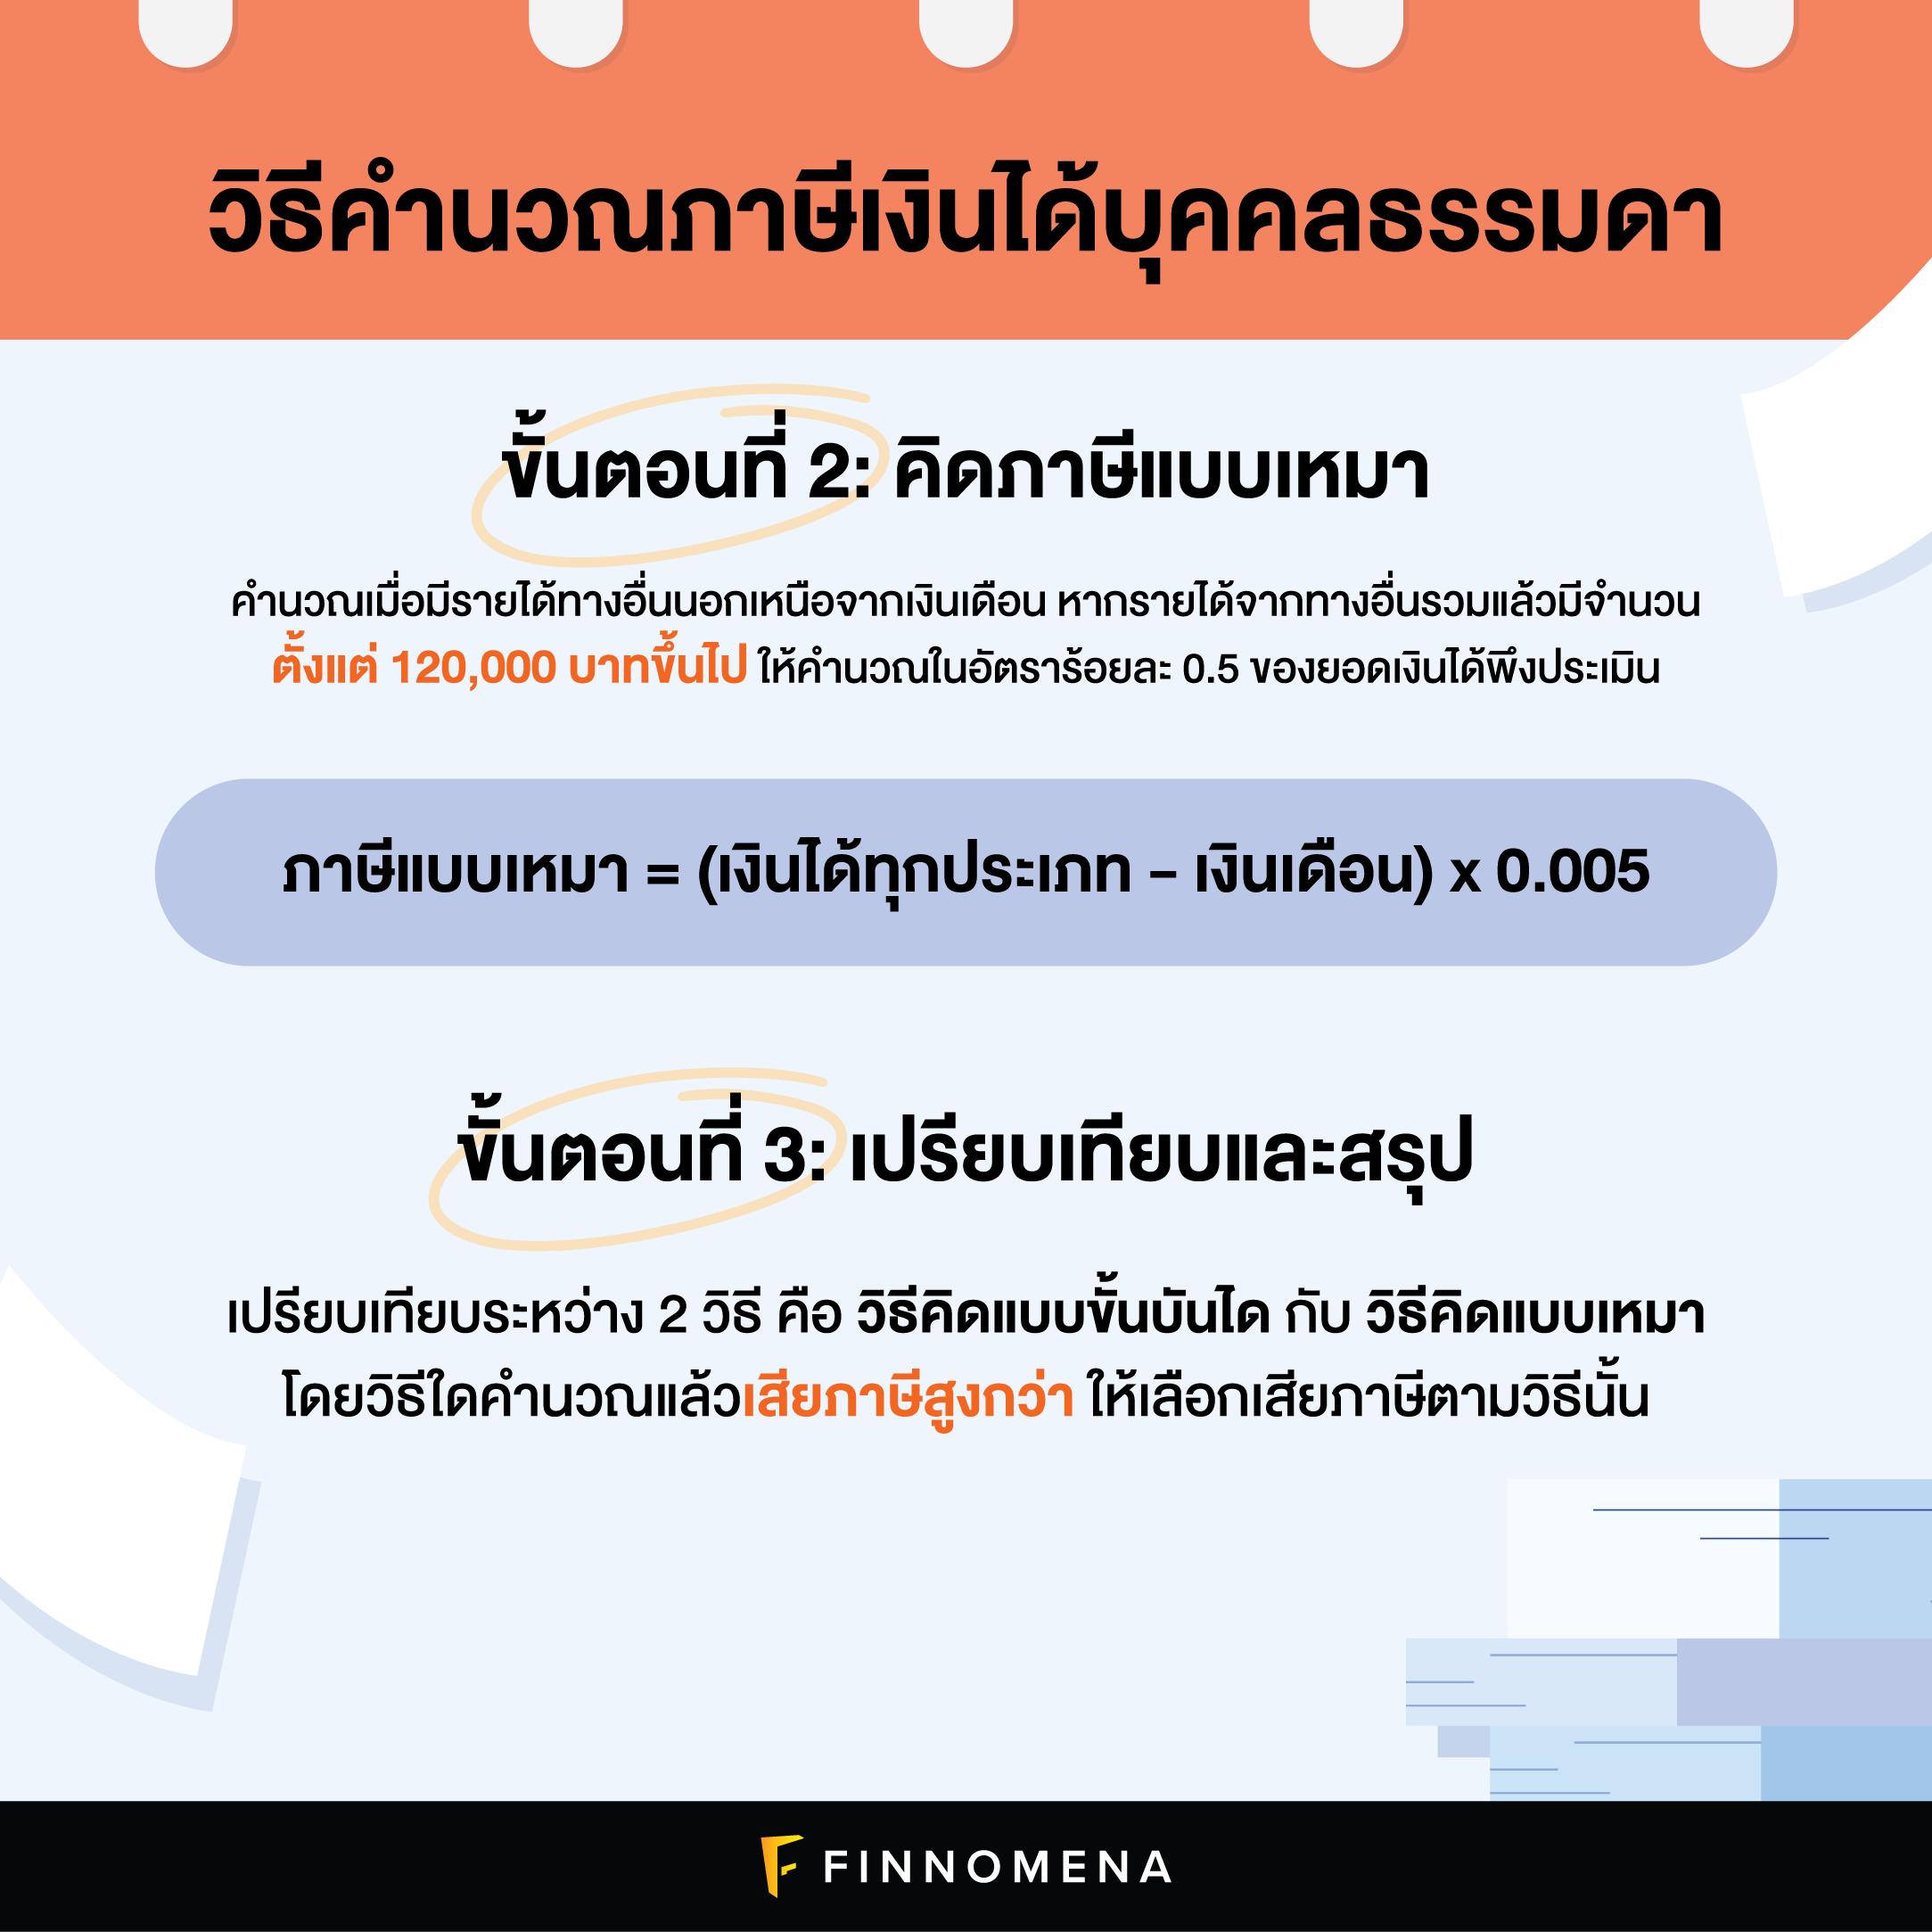 สรุปวิธีคำนวณภาษี ปี 2564: รายได้เท่าไรต้องเสียภาษีเท่าไร?